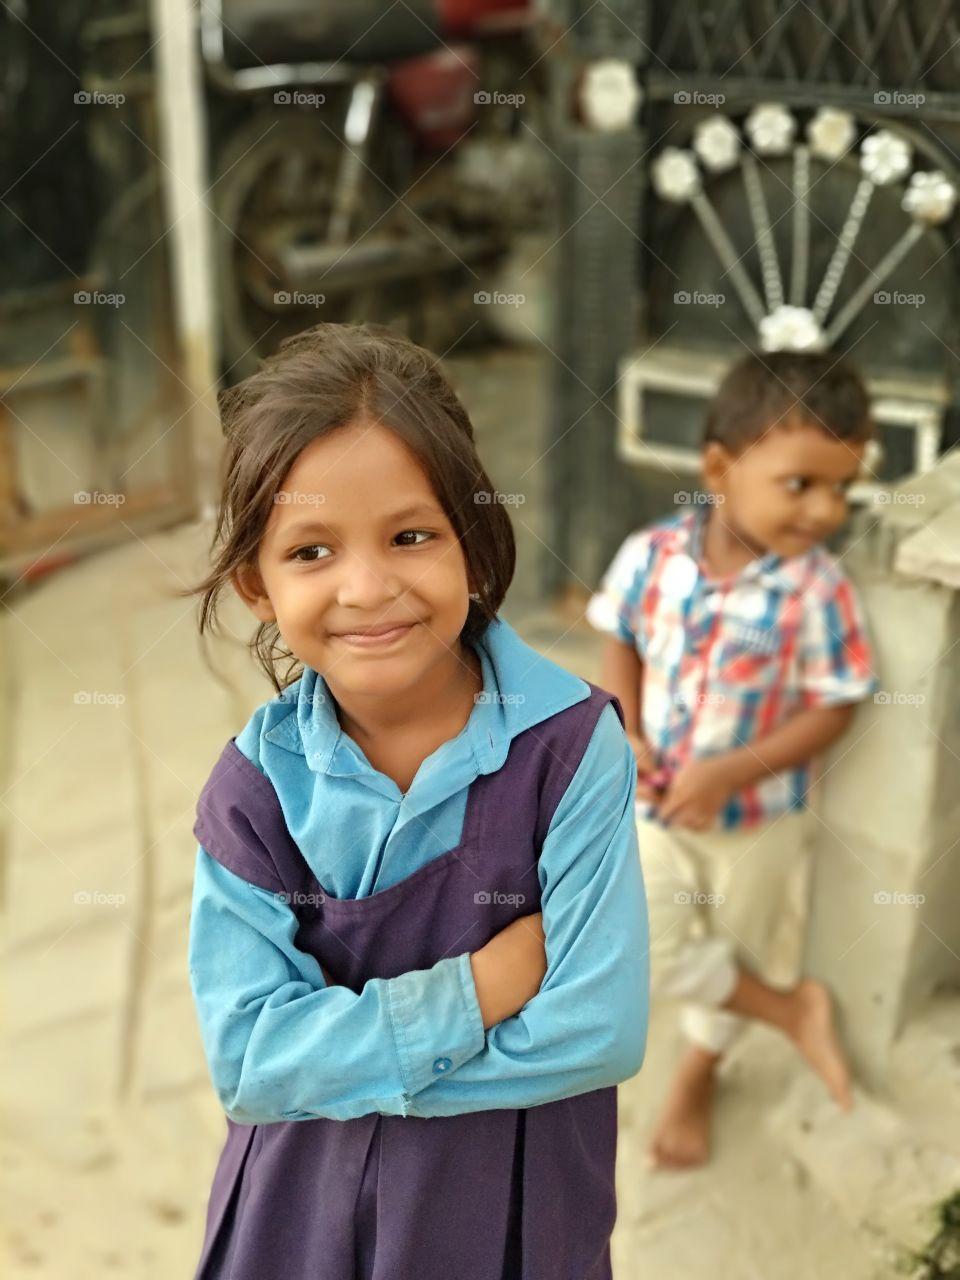 Smiling Indian girl in school uniform